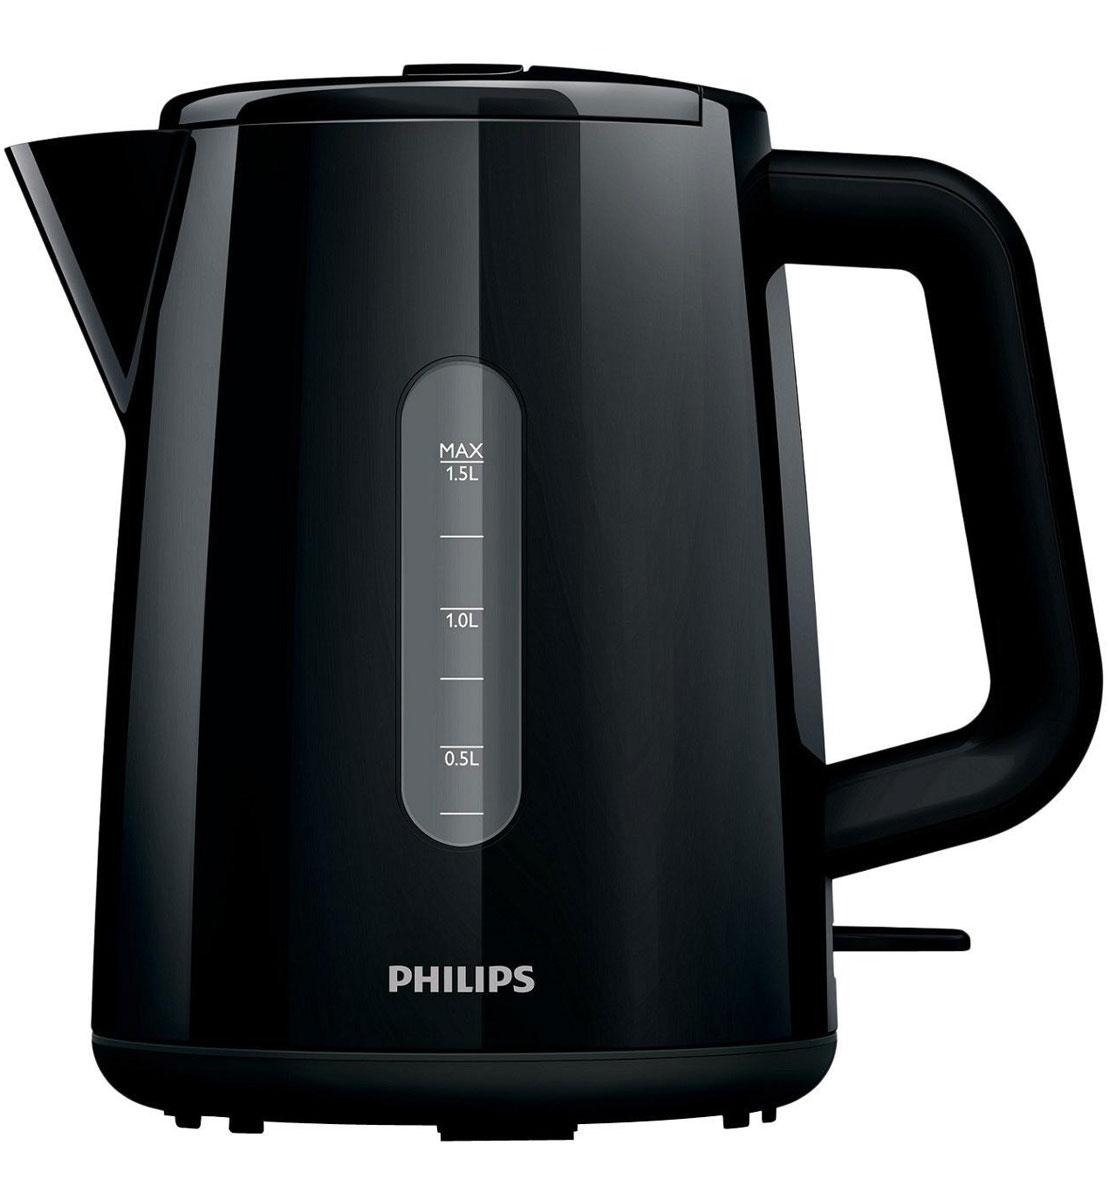 Philips HD9300/90 электрочайникHD9300/90Компания Philips, крупный международный производитель электроники, предлагает вашему вниманию широкий модельный ряд электрочайников от привычных недорогих пластиковых до стильных металлических моделей с цифровым управлением и дисплеем. Наиболее продвинутые модели способны нагревать воду до определенной температуры, имеют беспроводную подставку с поворотом на 360°, звуковой сигнал при закипании воды, тройной фильтр от накипи, многофазовую систему безопасности и многое другое. Вам останется только наслаждаться безупречным вкусом напитка. Не правда ли, здорово за считанные секунды вскипятить воду и без лишних усилий очистить чайник? Плоский нагревательный элемент позволяет быстро вскипятить воду и прост в очистке. Благодаря моющемуся фильтру очистки от накипи вода становится чистой, а напитки — без частиц известкового осадка.